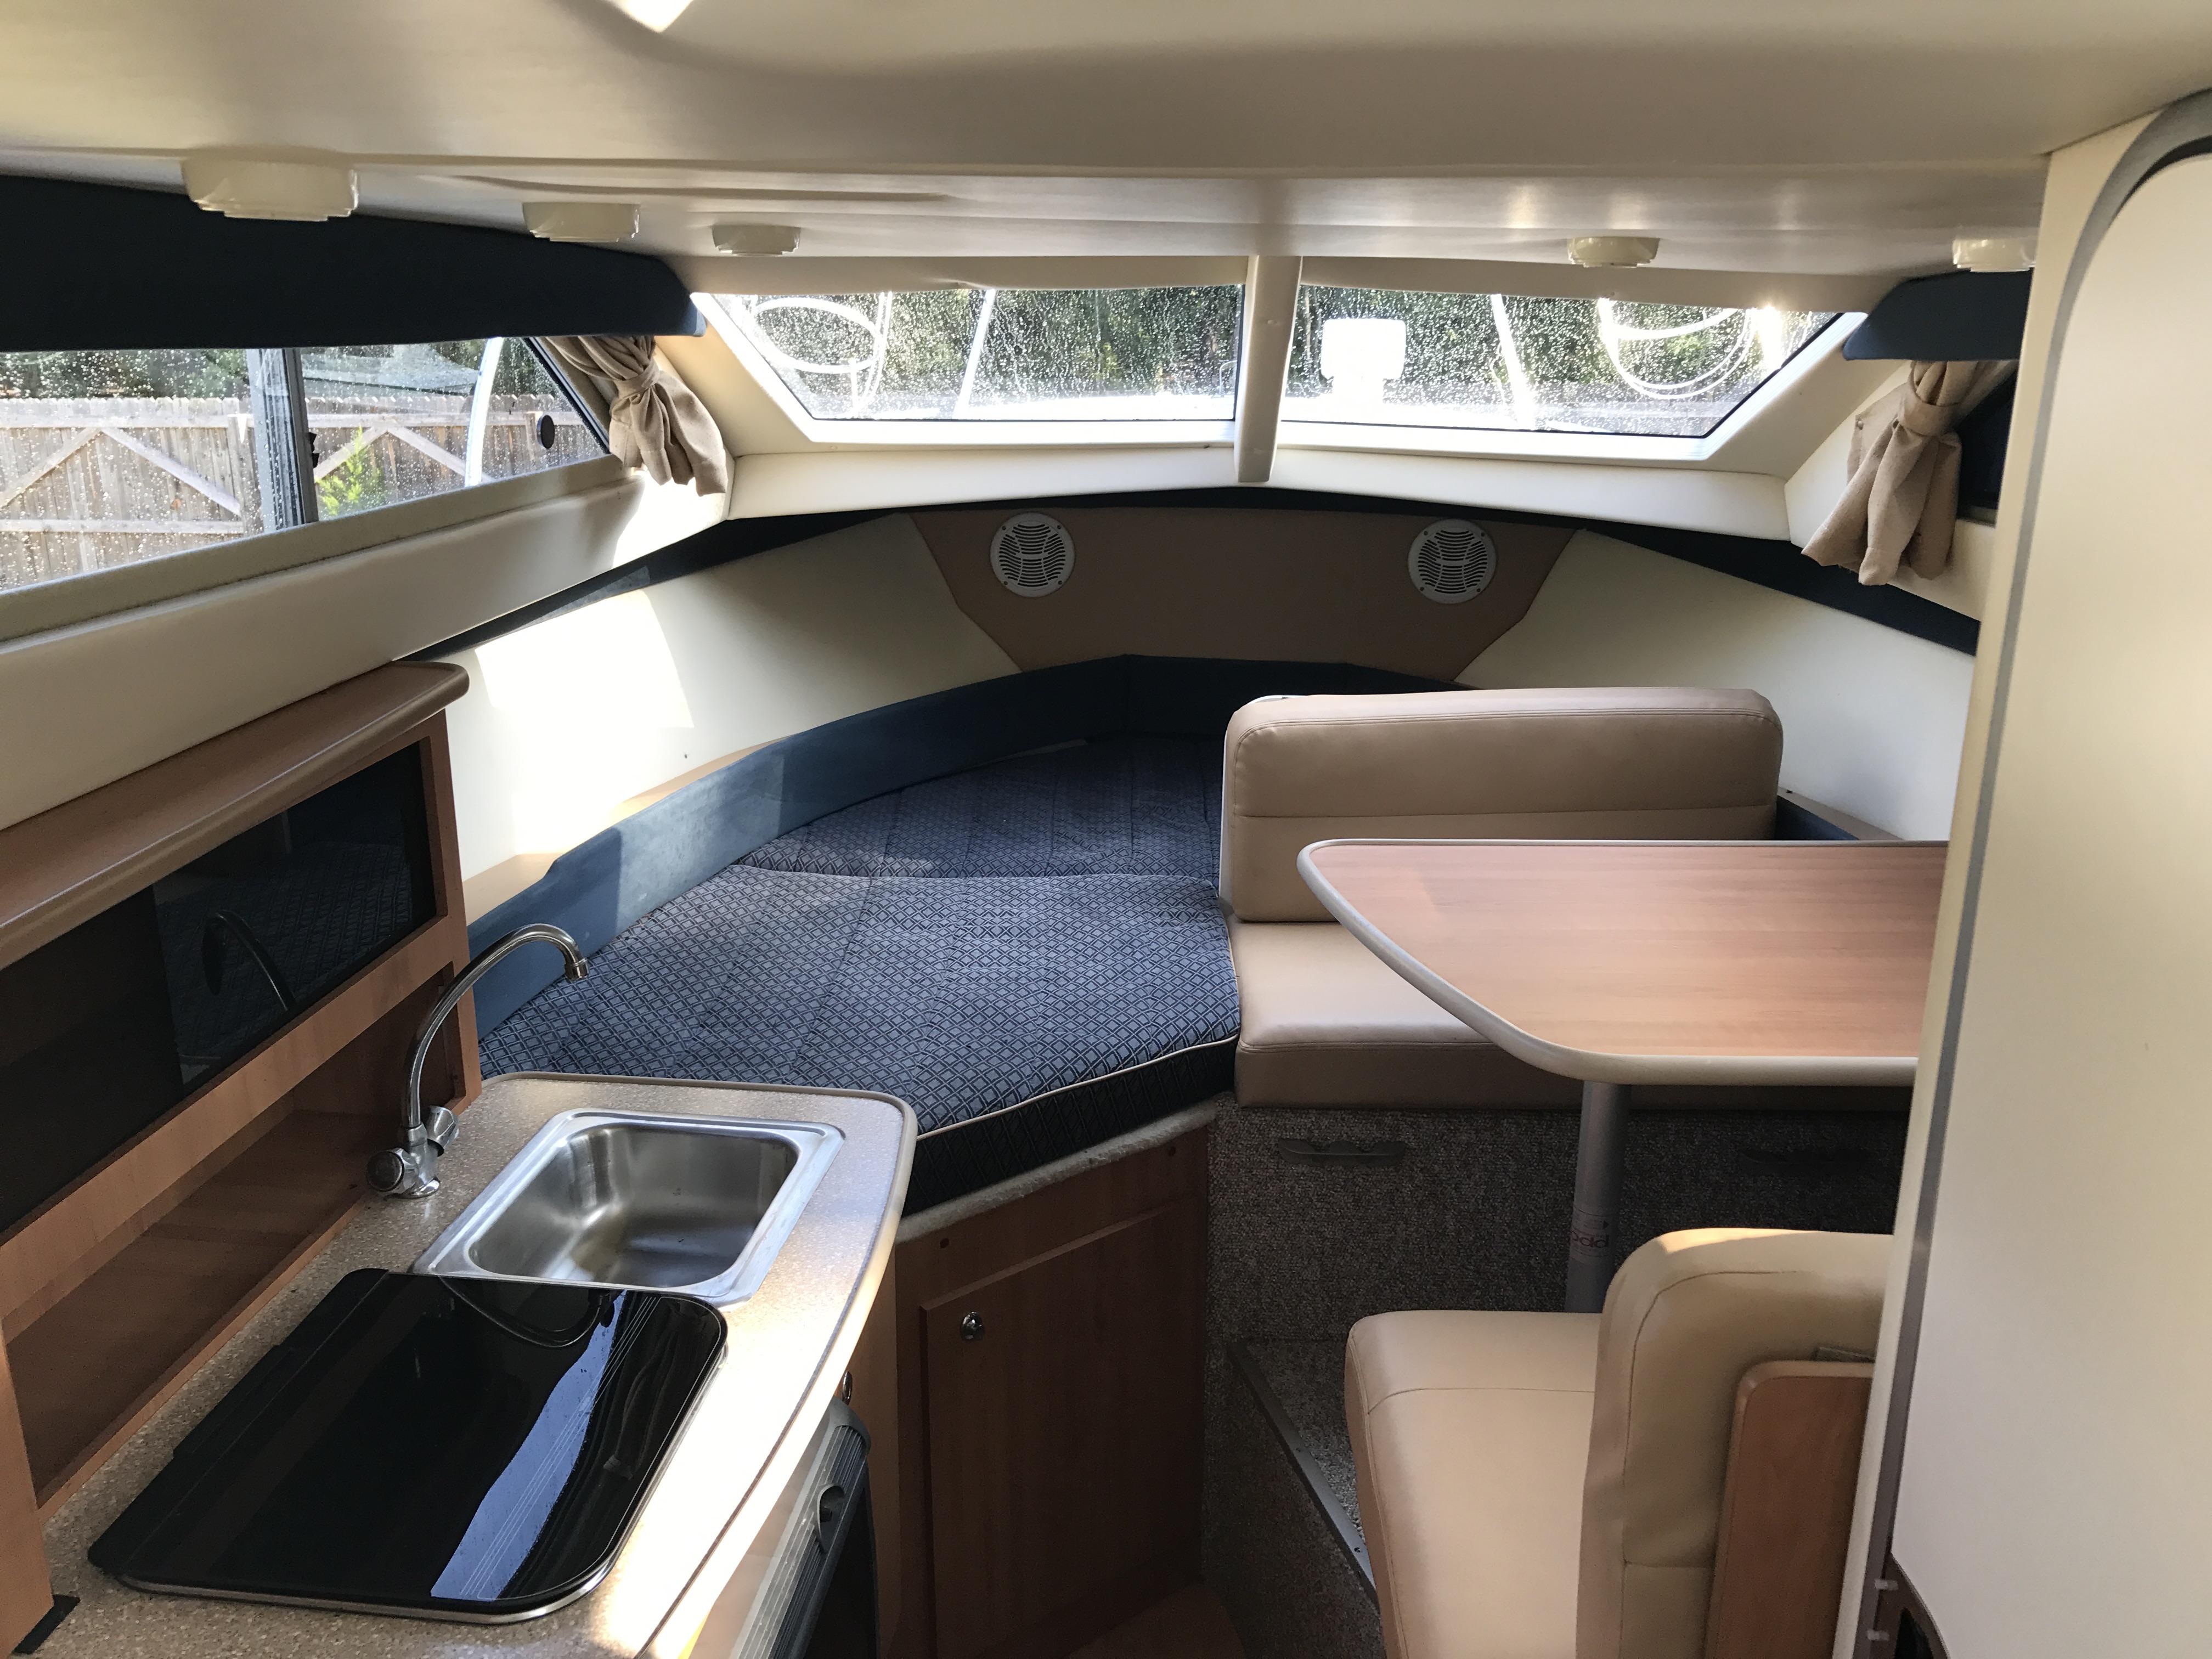 Bayliner Discovery 246 EC - Bayliner 246 Discovery EC interior cabin